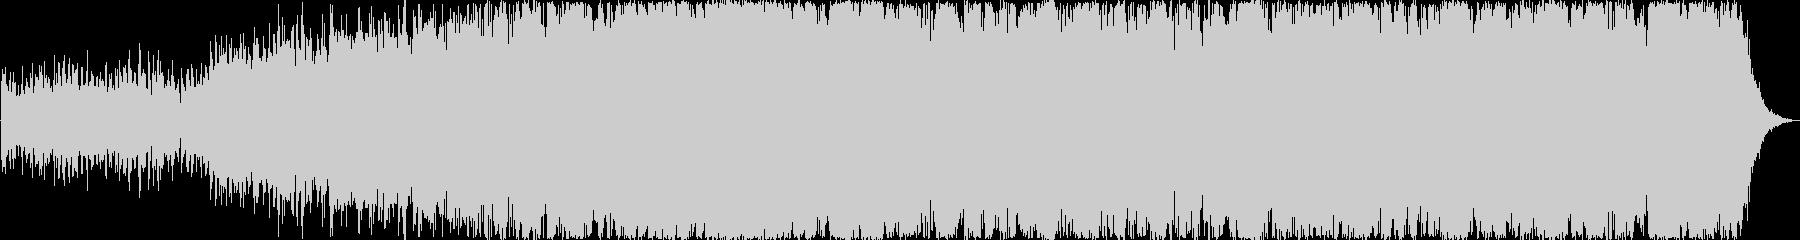 オーケストラ30sBGMの未再生の波形